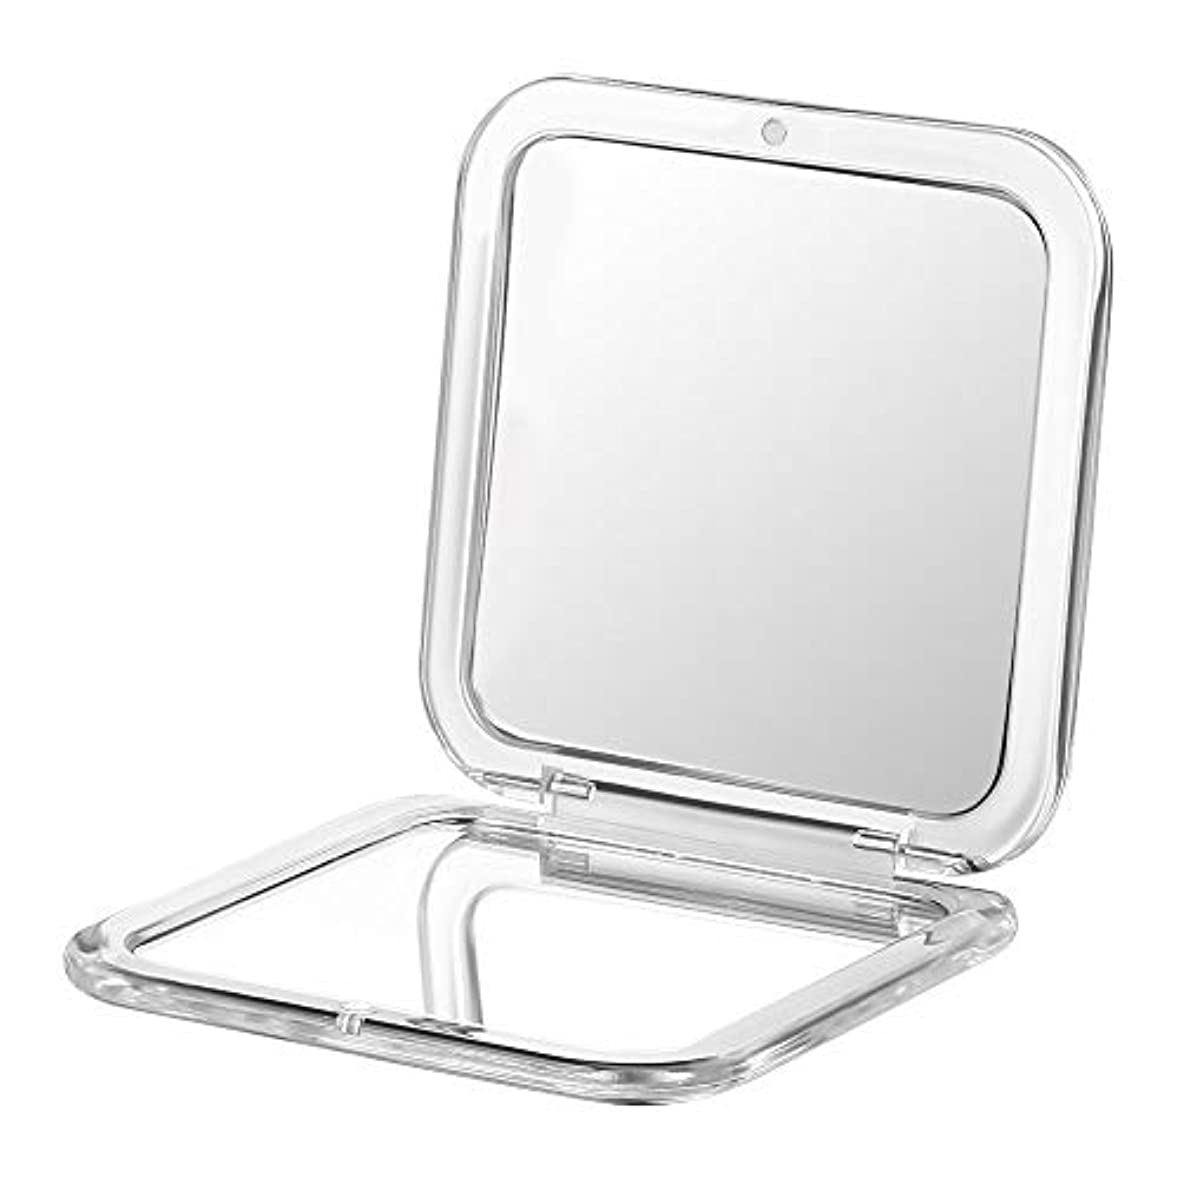 ムスブレイズ知覚コンパクト鏡 拡大鏡 両面コンパクトミラー 卓上 2倍 化粧鏡